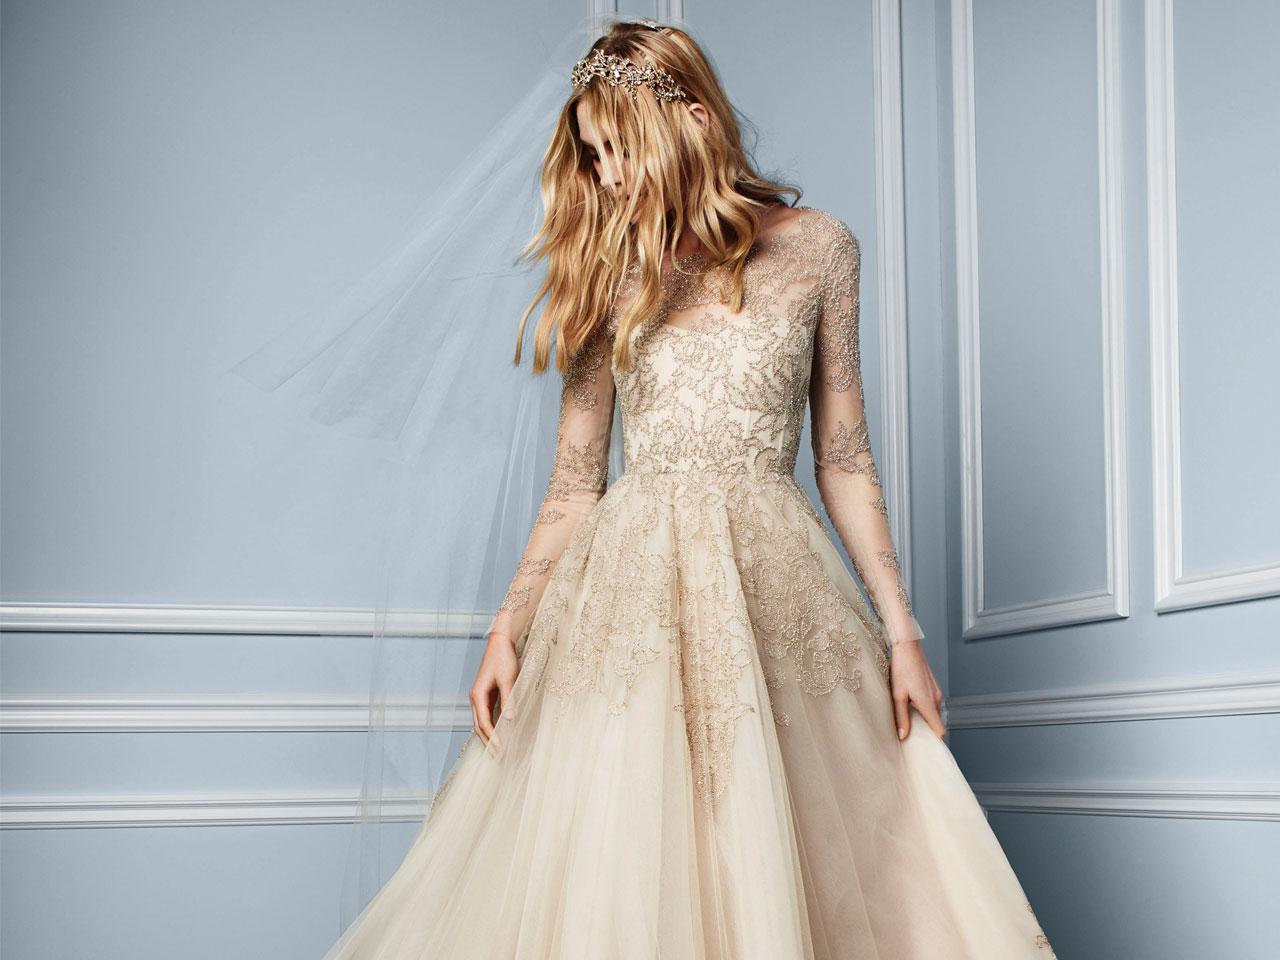 wedding-landing-1-baf49acd228a17b20ab12ea2a9daa5d8d2db09705c9a170ee7d30aa3f4f5f108.jpg f3e908627e